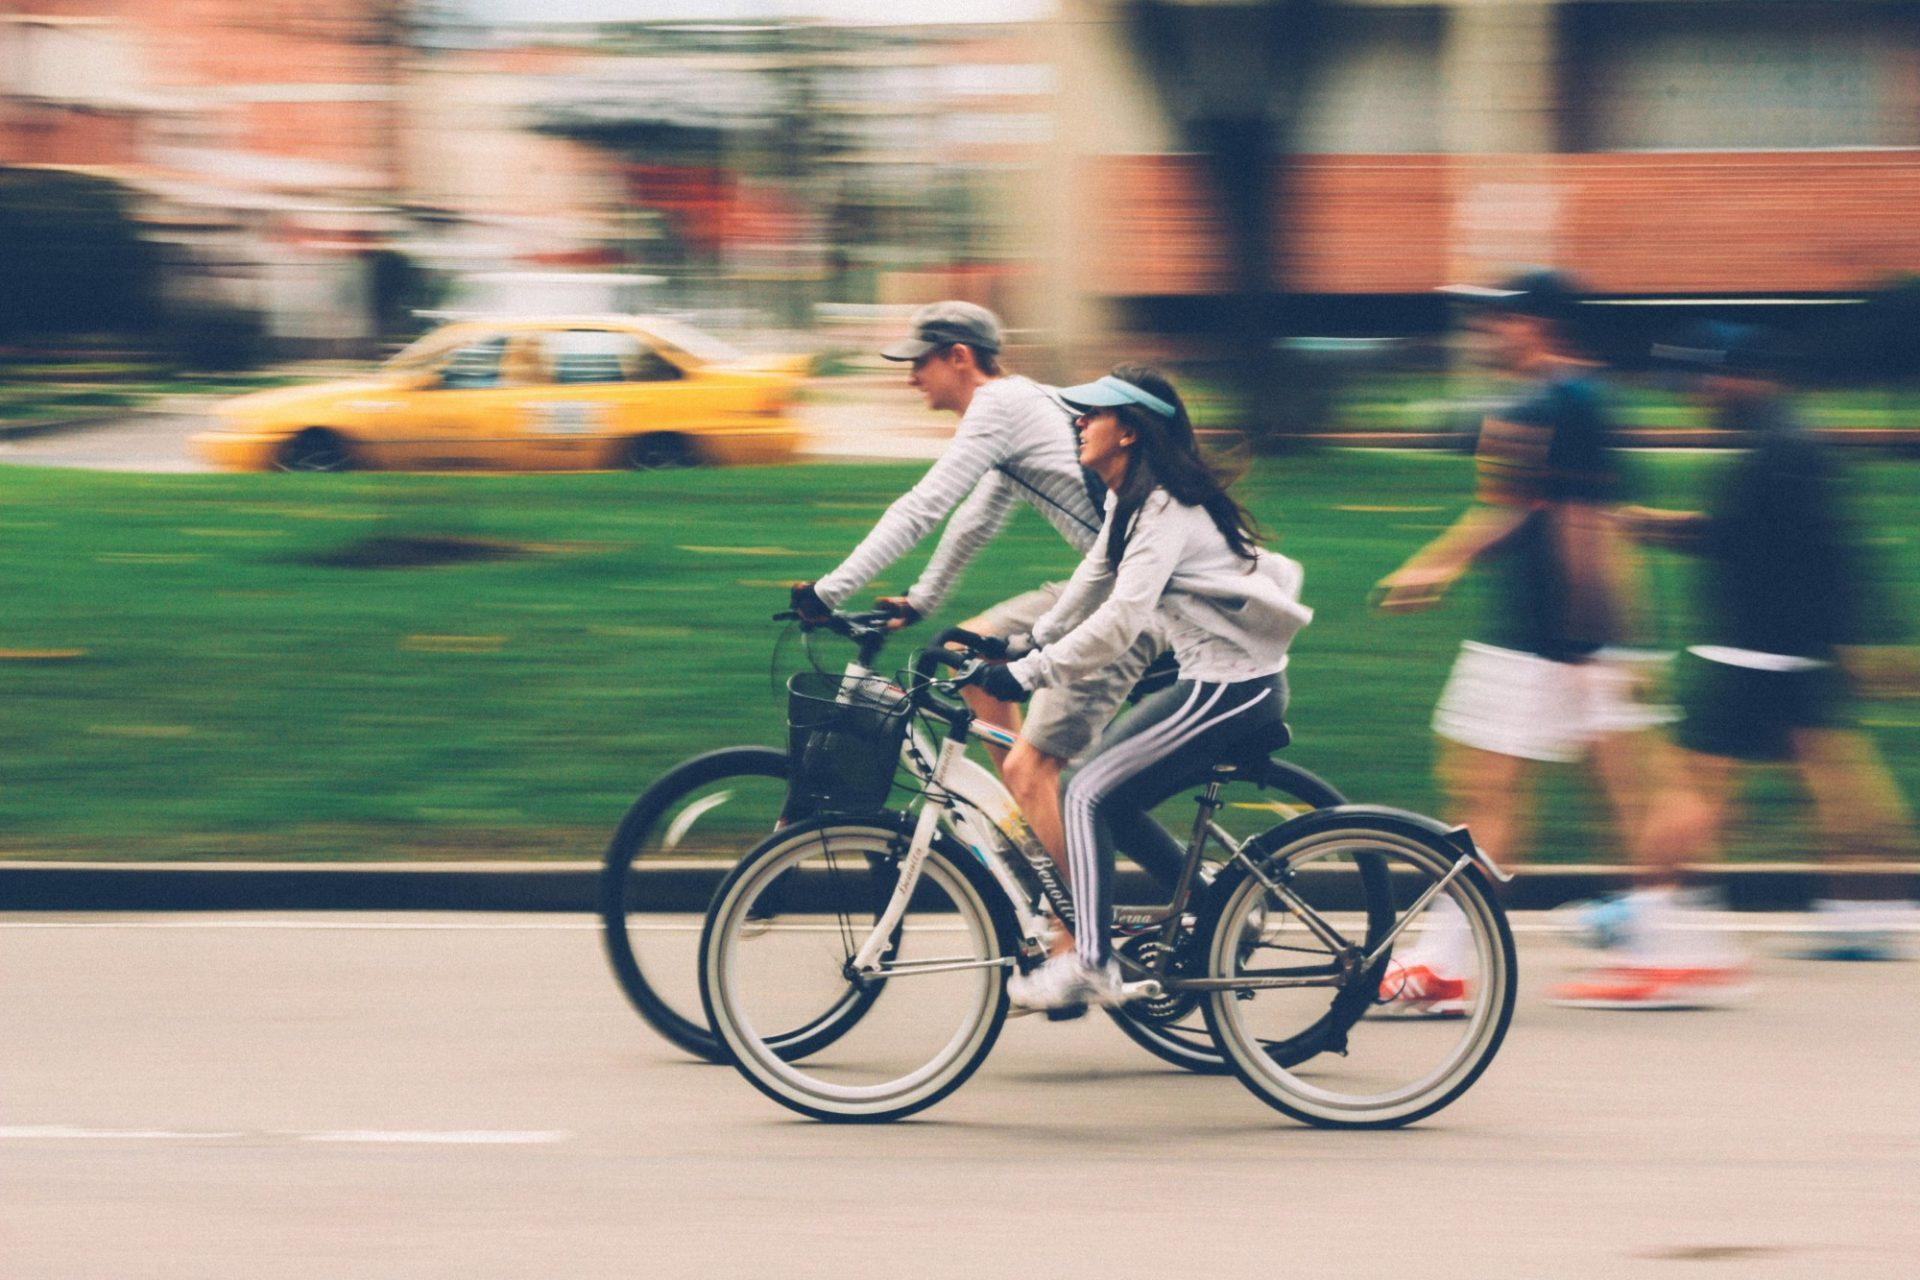 bicicletas compartilhadas no Brasil